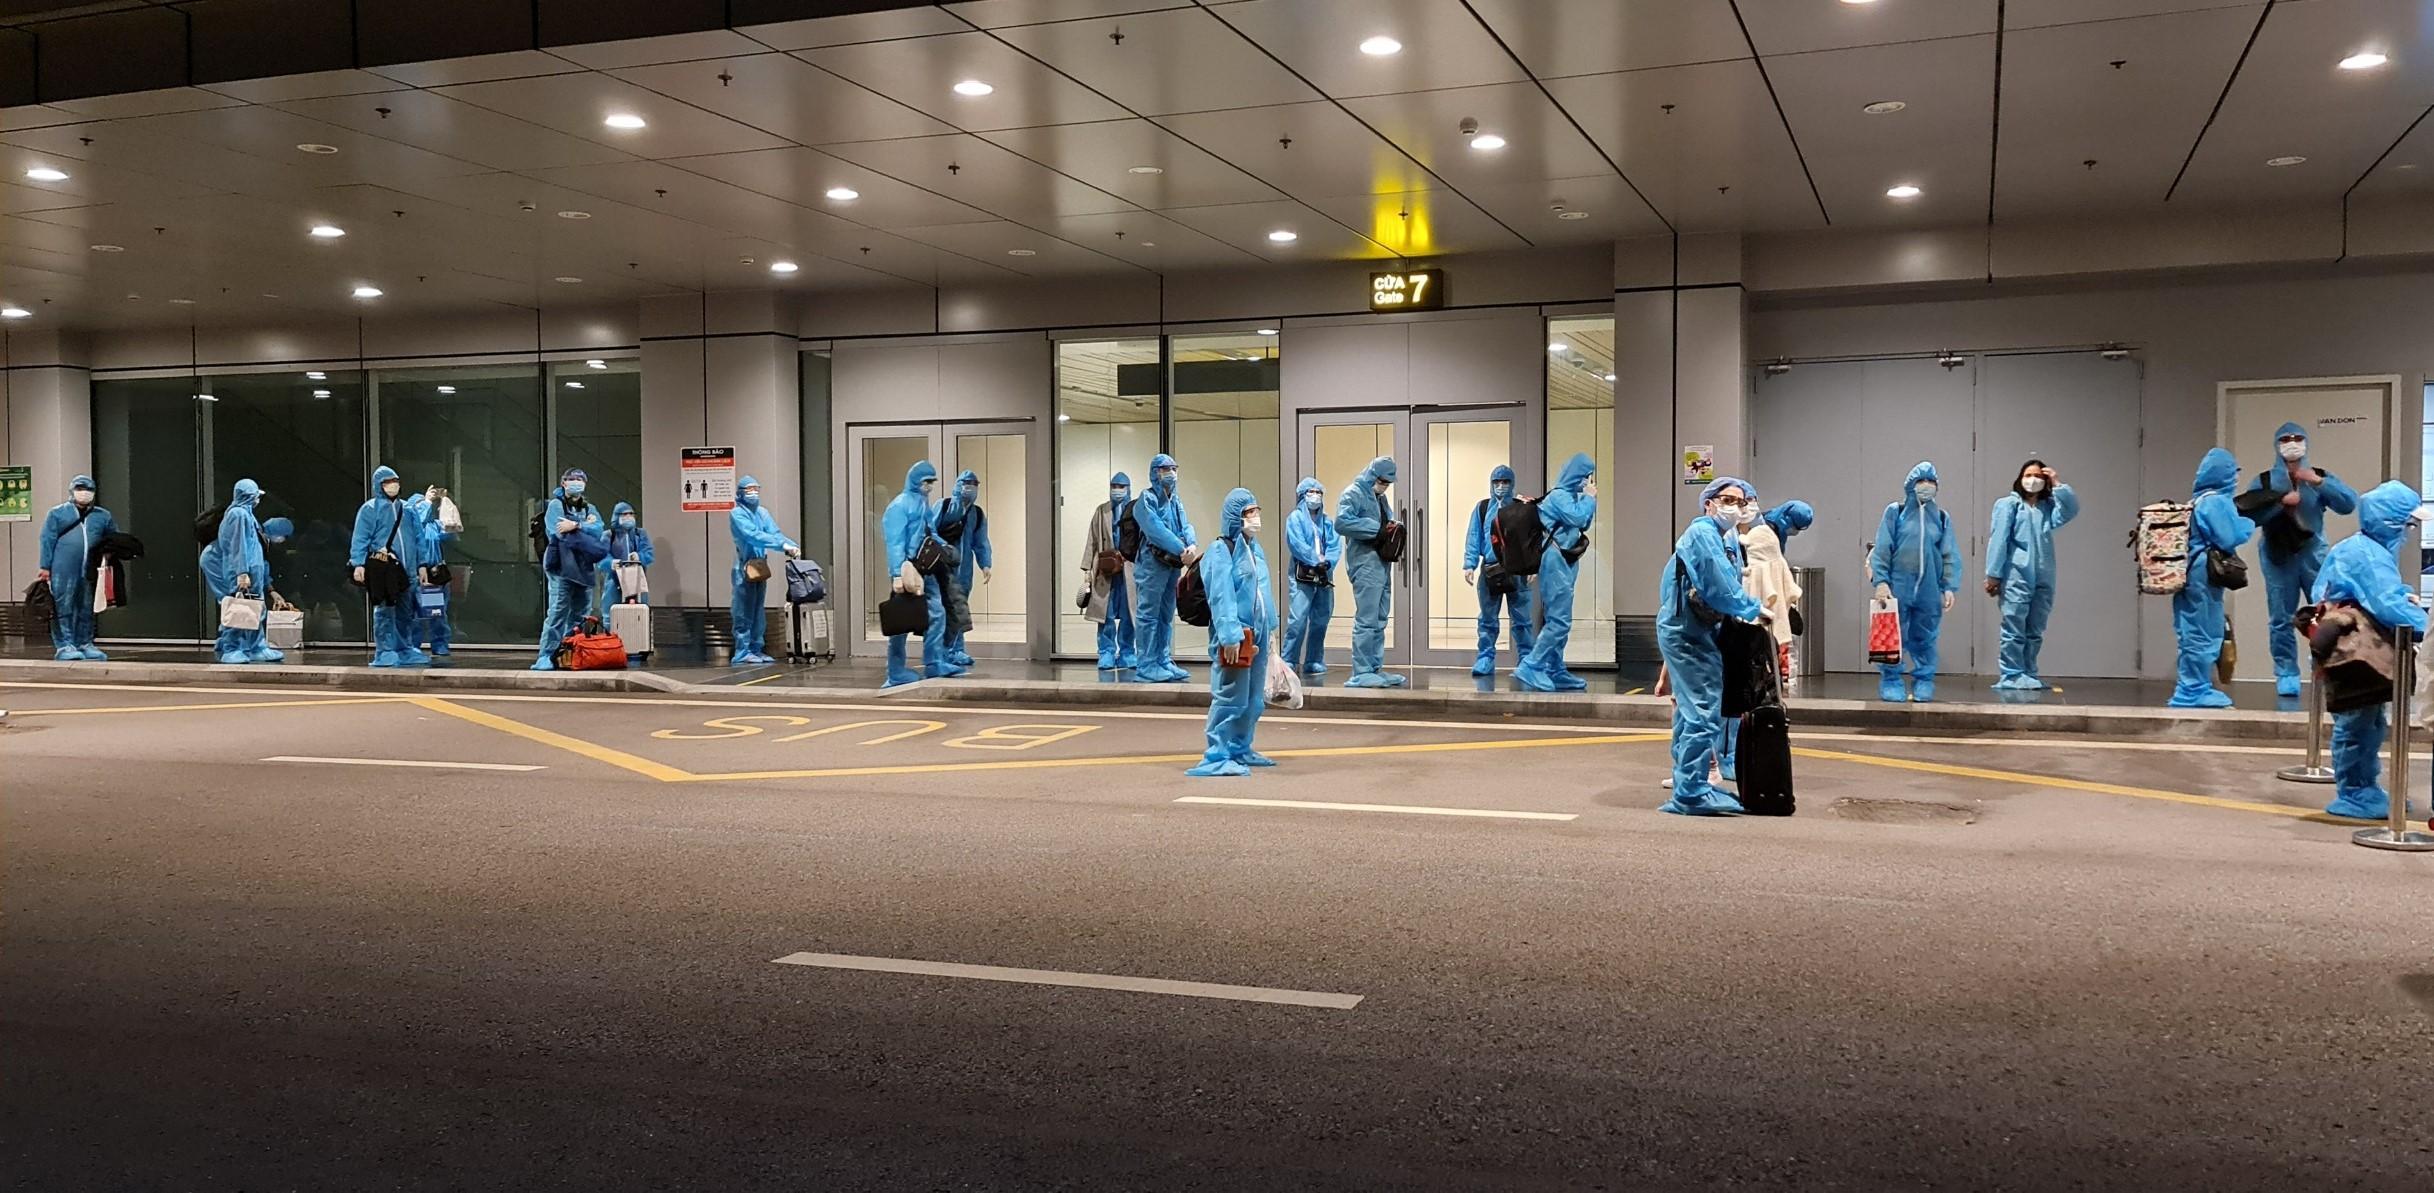 """Sân bay Vân Đồn đón 2 chuyến bay """"giải cứu"""" sau khi hoạt động trở lại - Ảnh 1"""